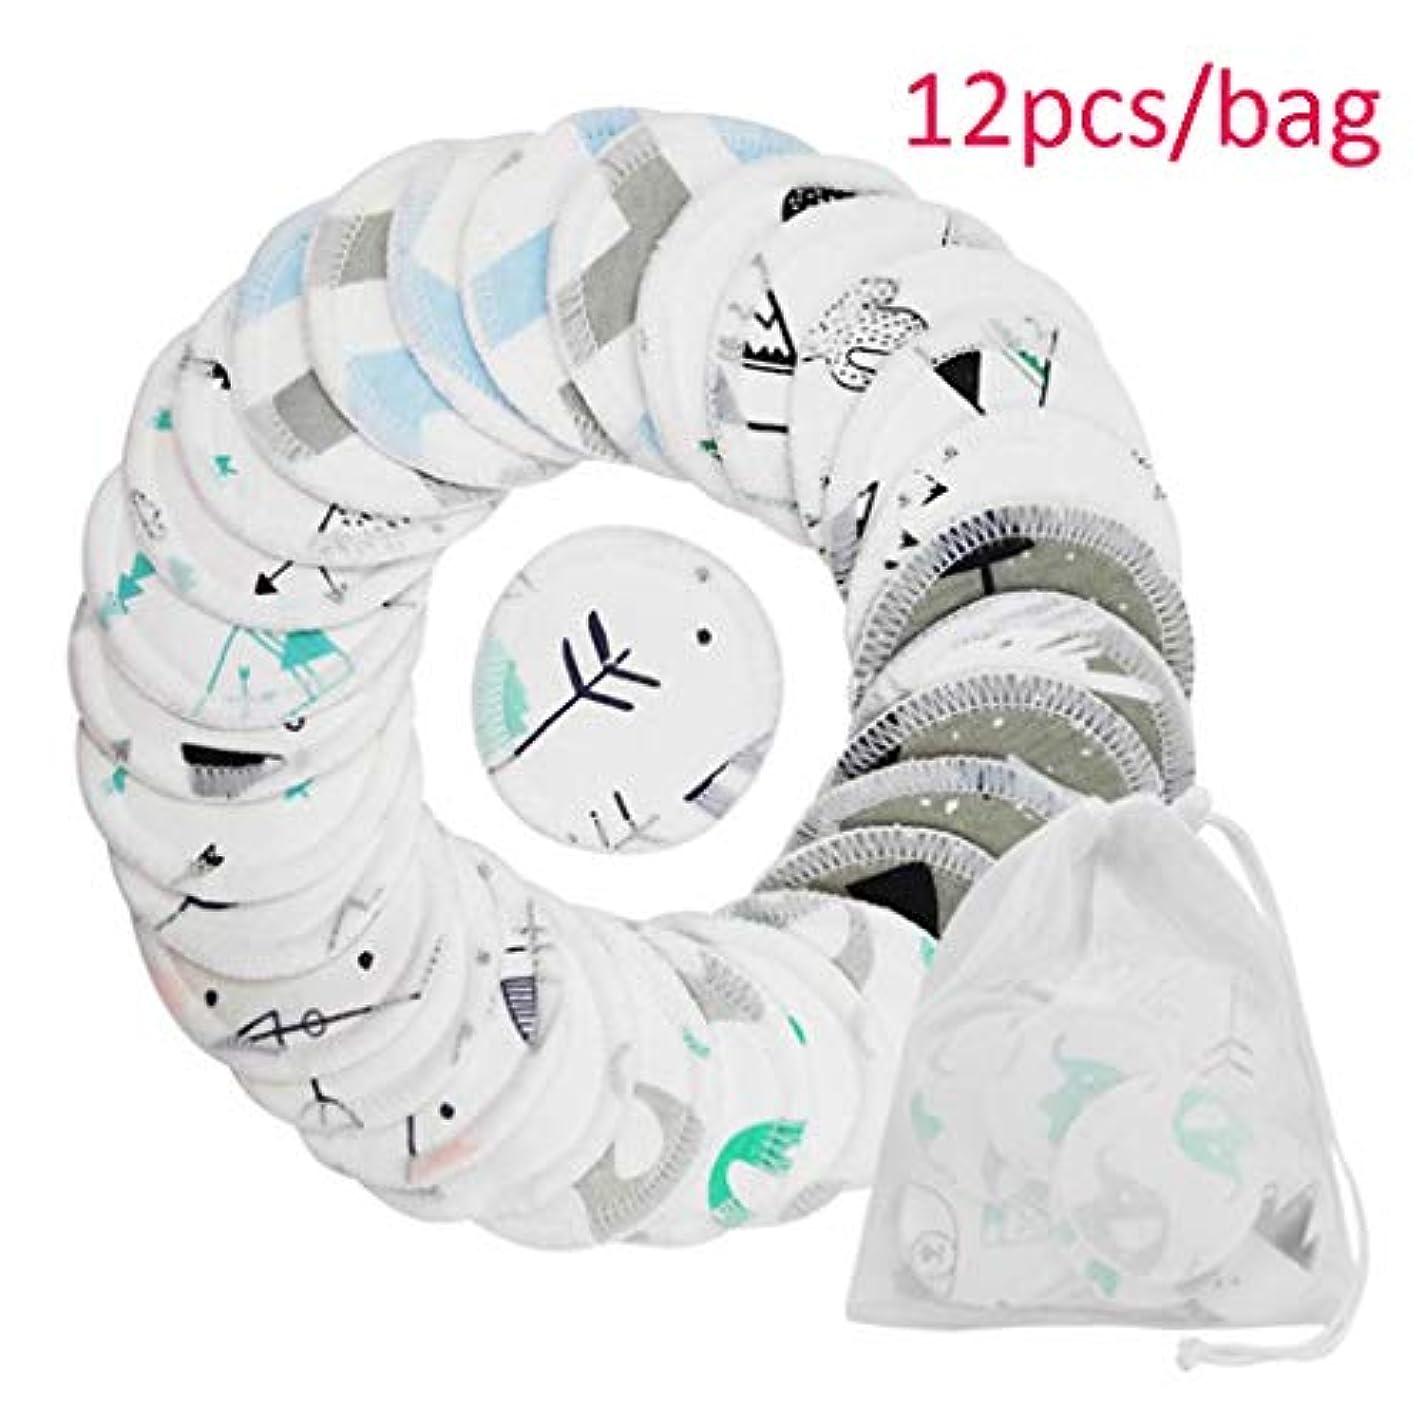 狂乱志す怖がって死ぬクレンジングシート 再利用可能な洗濯布パッド3層洗える綿ソフトメイクアップリムーバー布用女性の女の子化粧道具 (Color : White, サイズ : A(12pcs/bag))